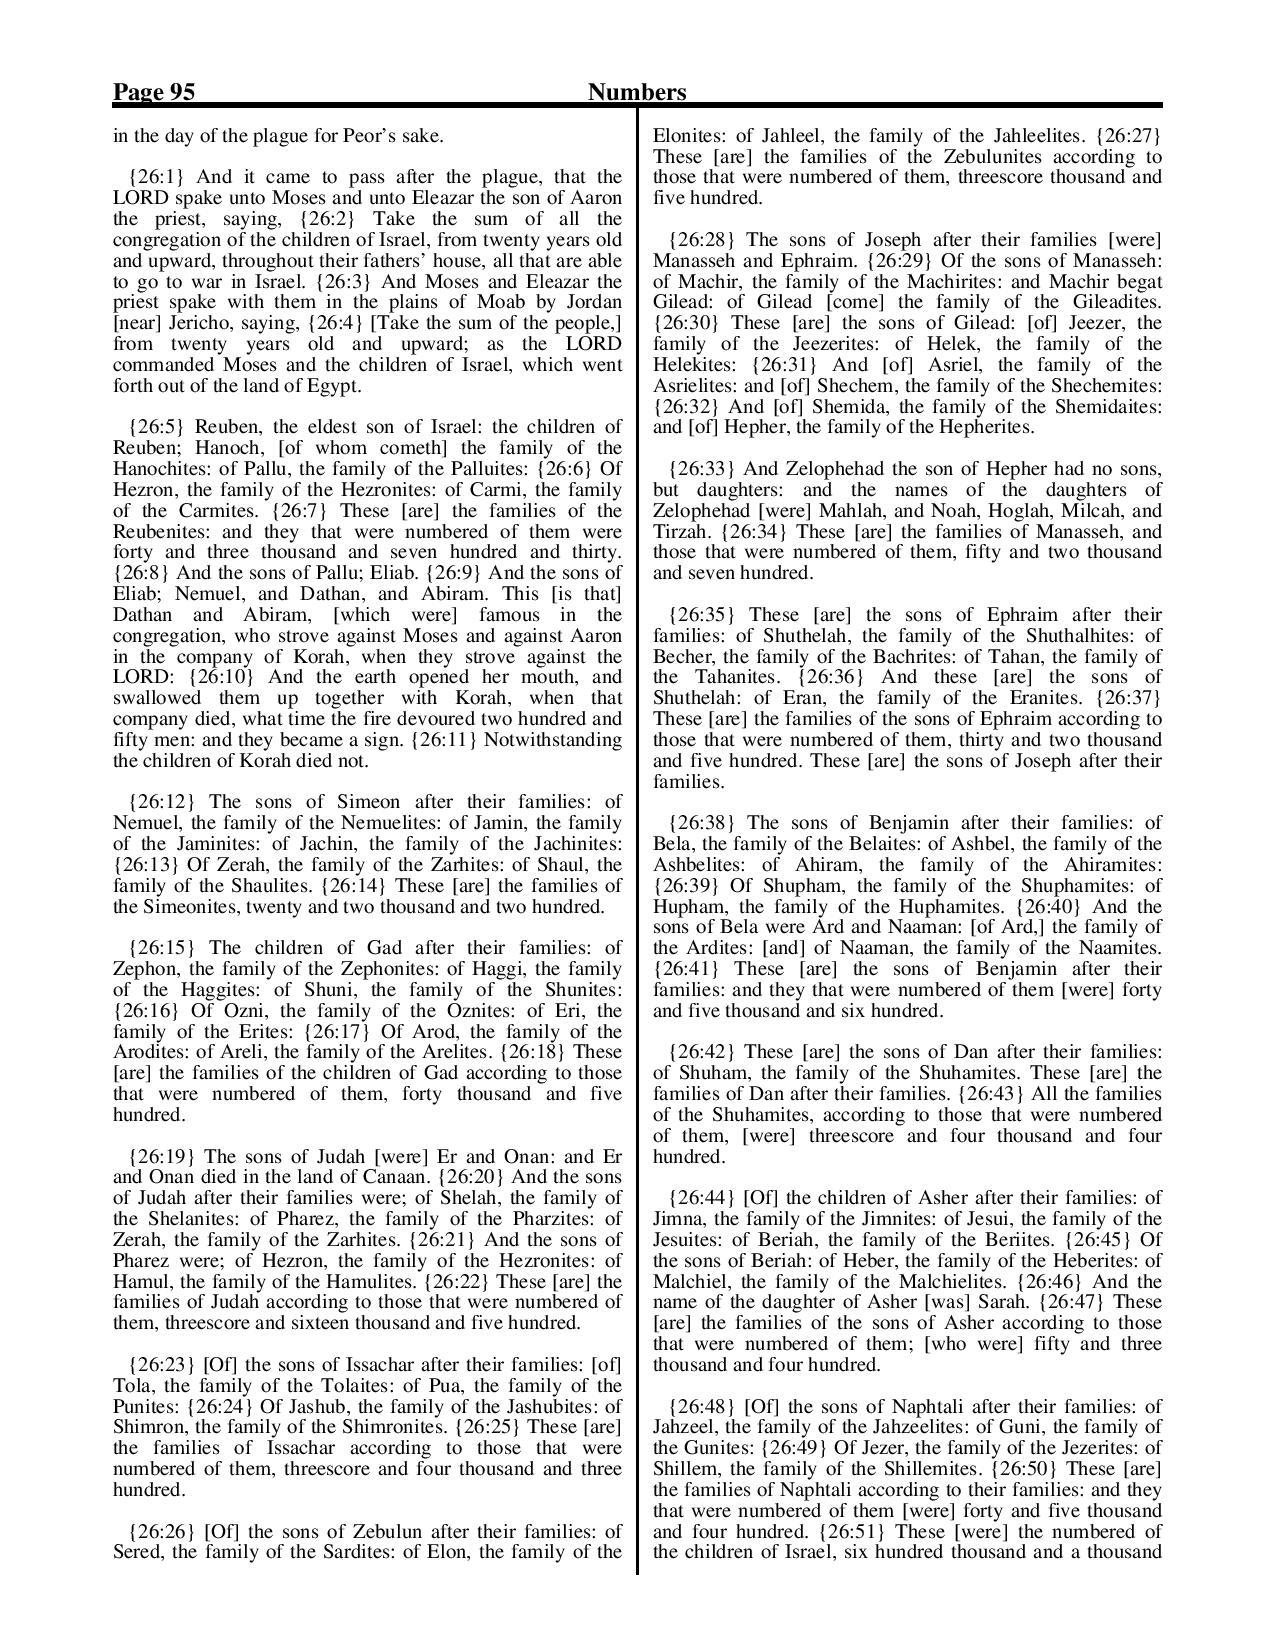 King-James-Bible-KJV-Bible-PDF-page-116